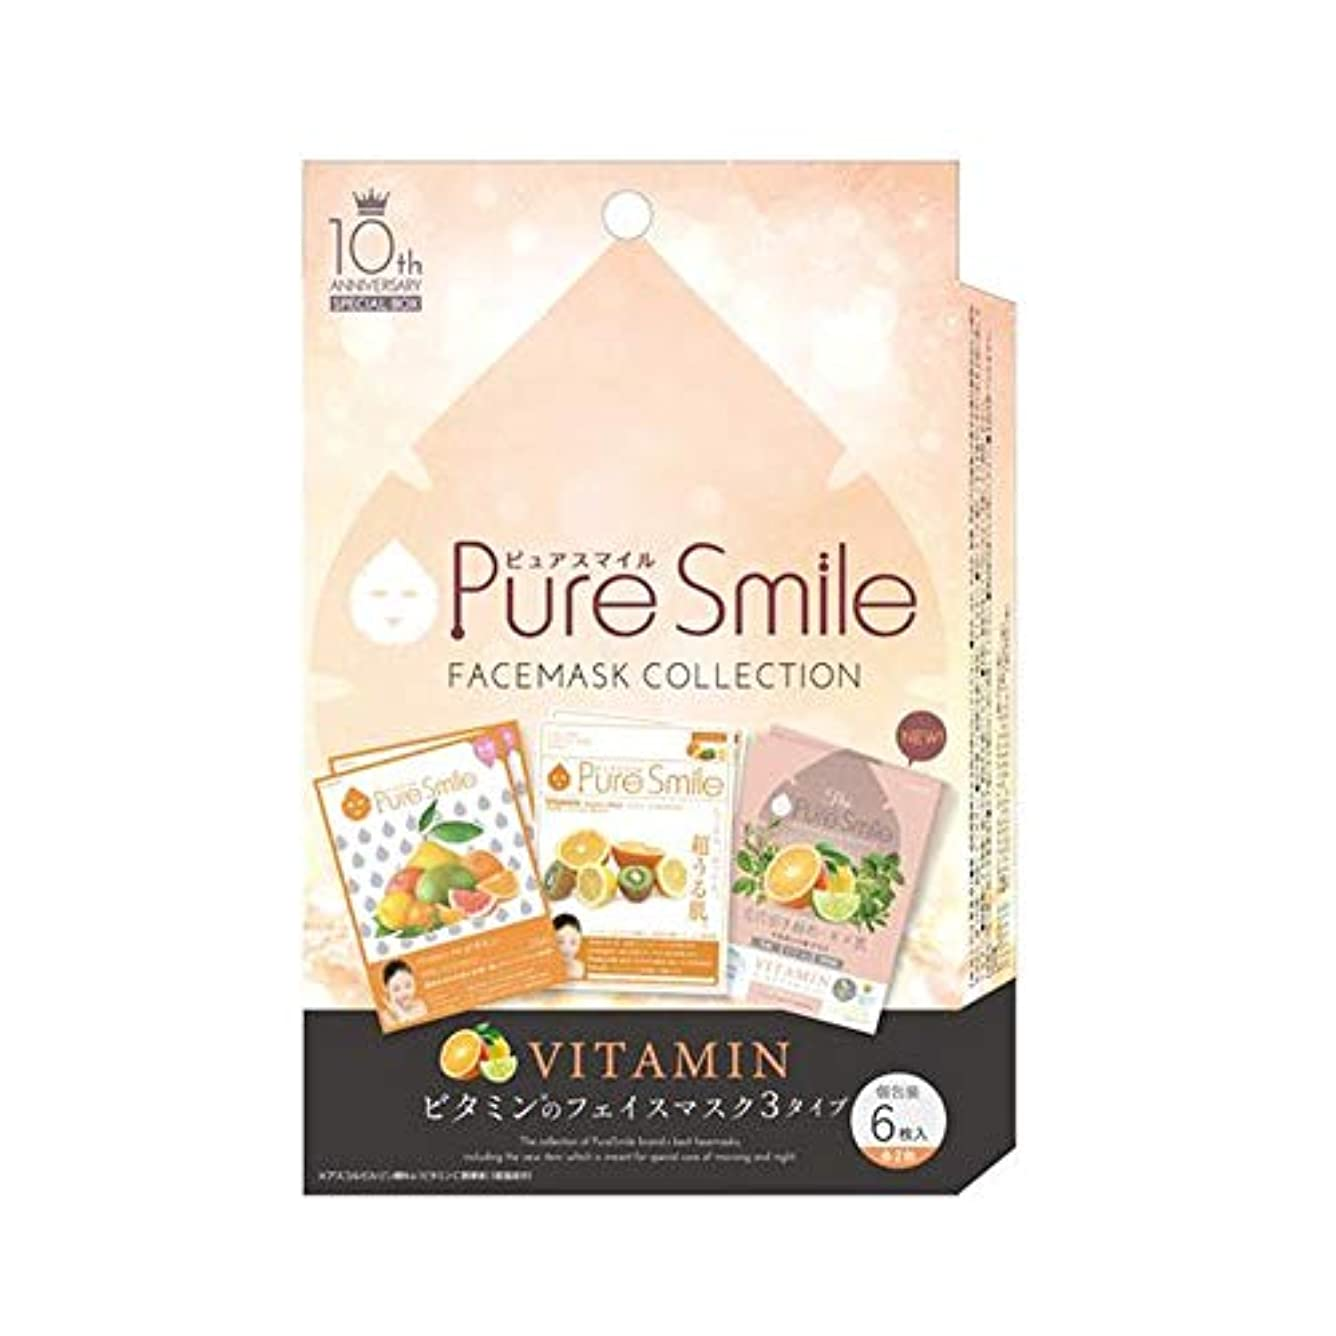 ミュウミュウ手書きテレビ局ピュア スマイル Pure Smile 10thアニバーサリー スペシャルボックス ビタミン 6枚入り